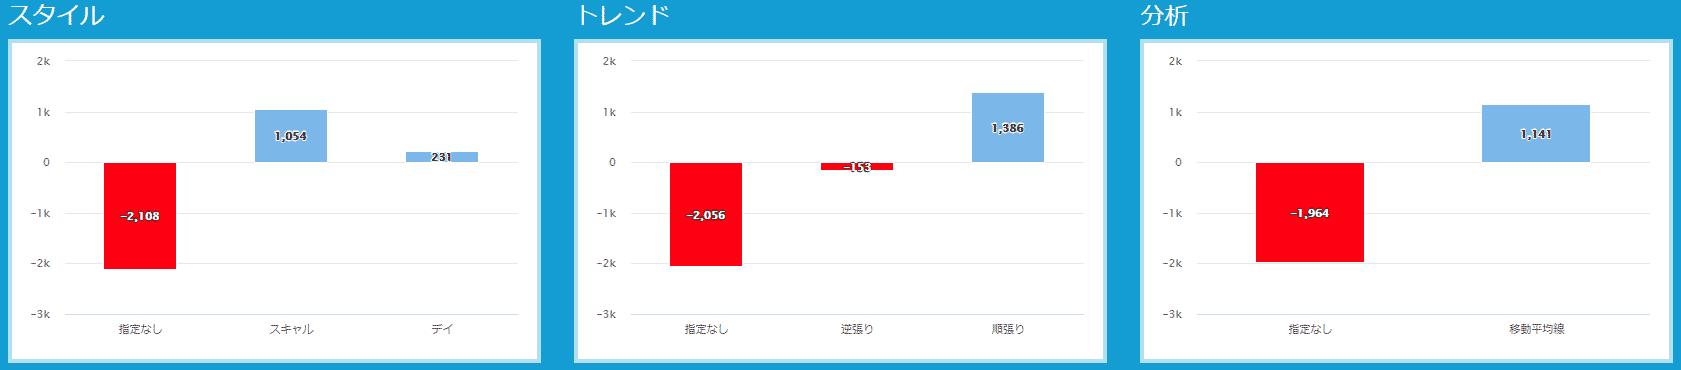 プロップトレーダーチャートMana2